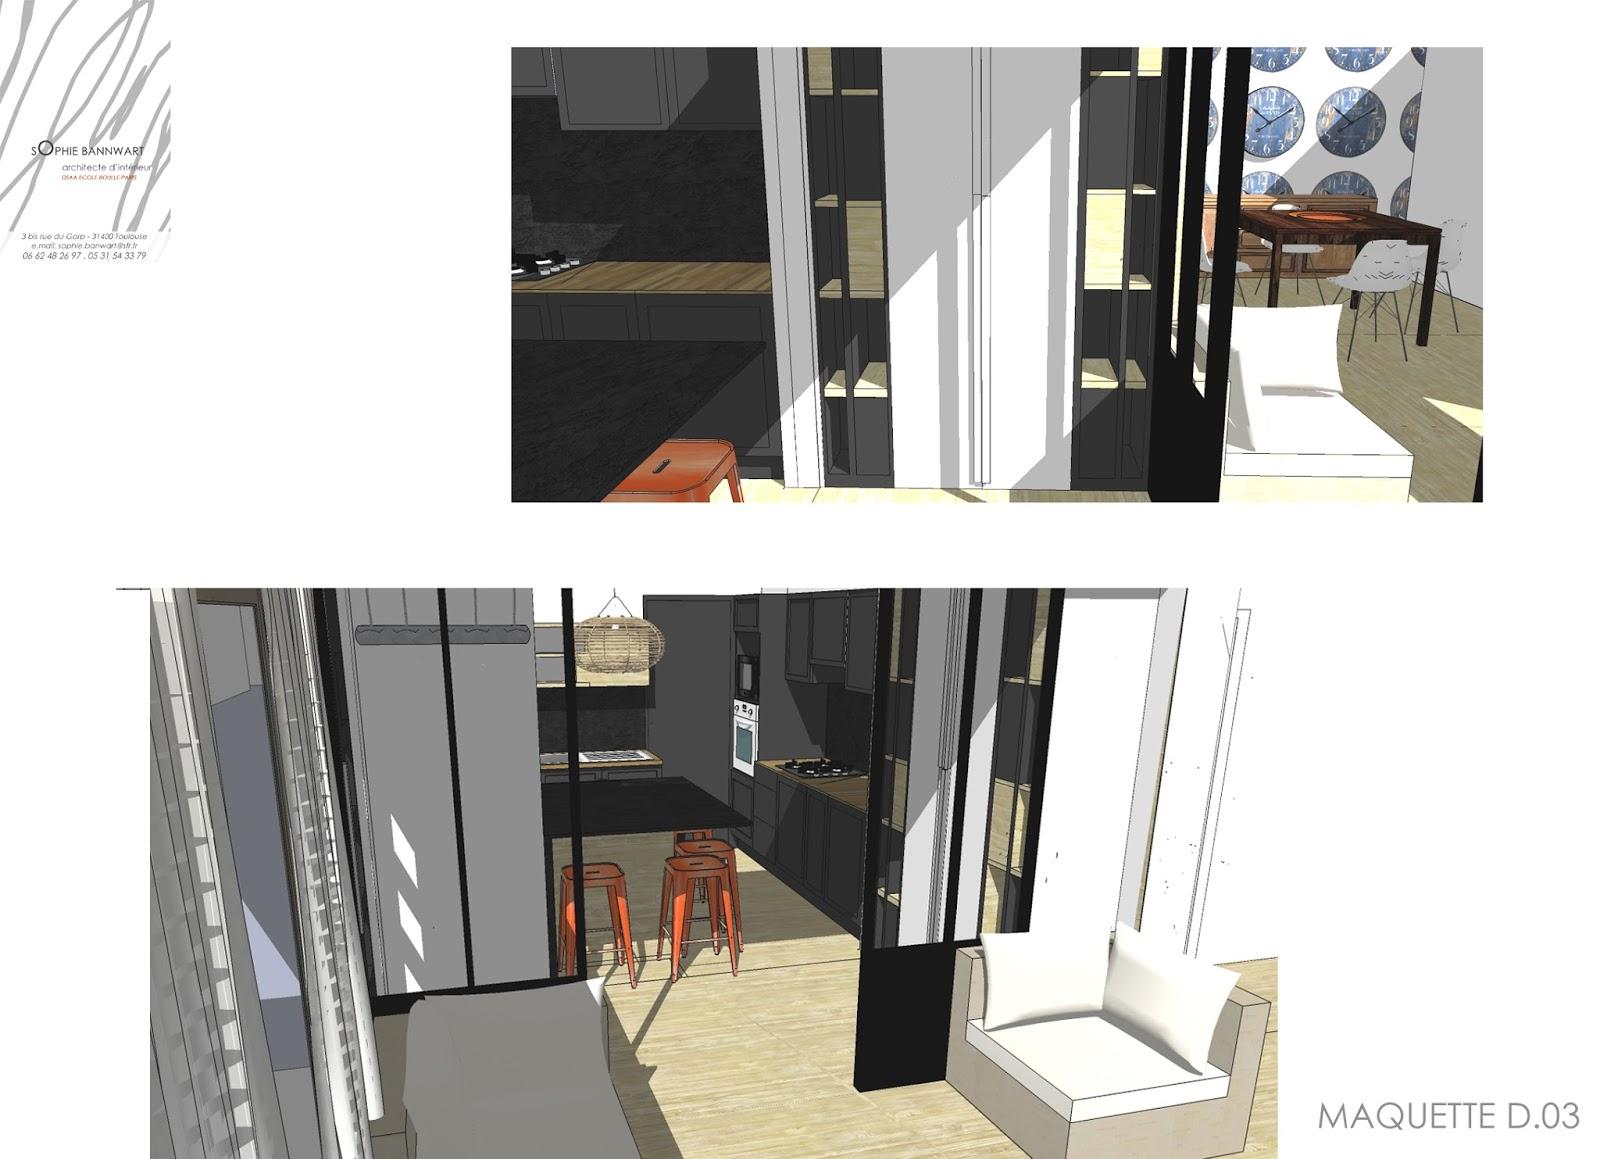 Sophie bannwart architecte d 39 int rieur for Architecte interieur 06